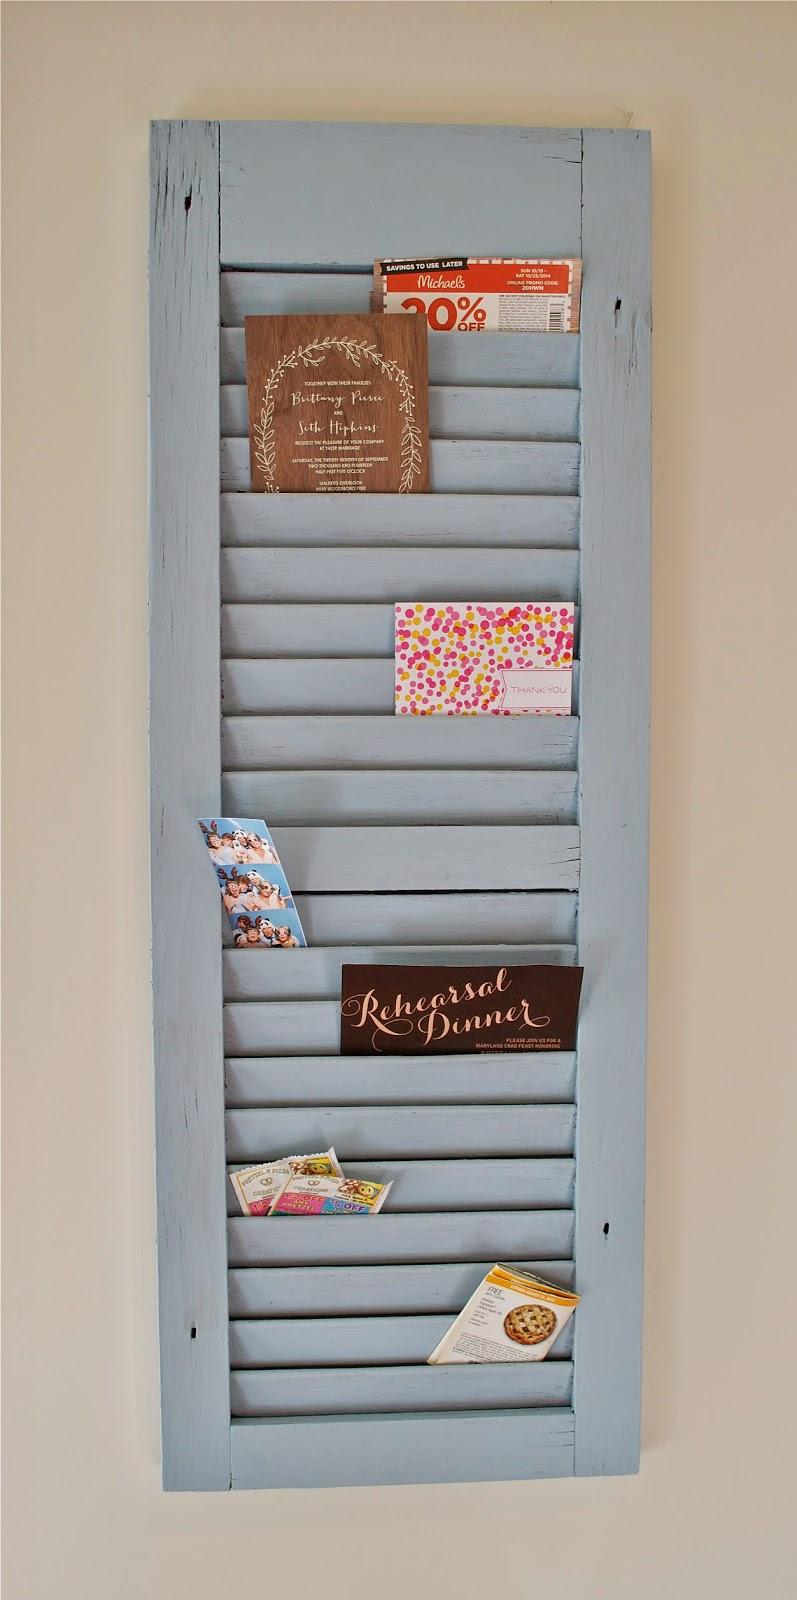 diy shutter mail organizer. Black Bedroom Furniture Sets. Home Design Ideas